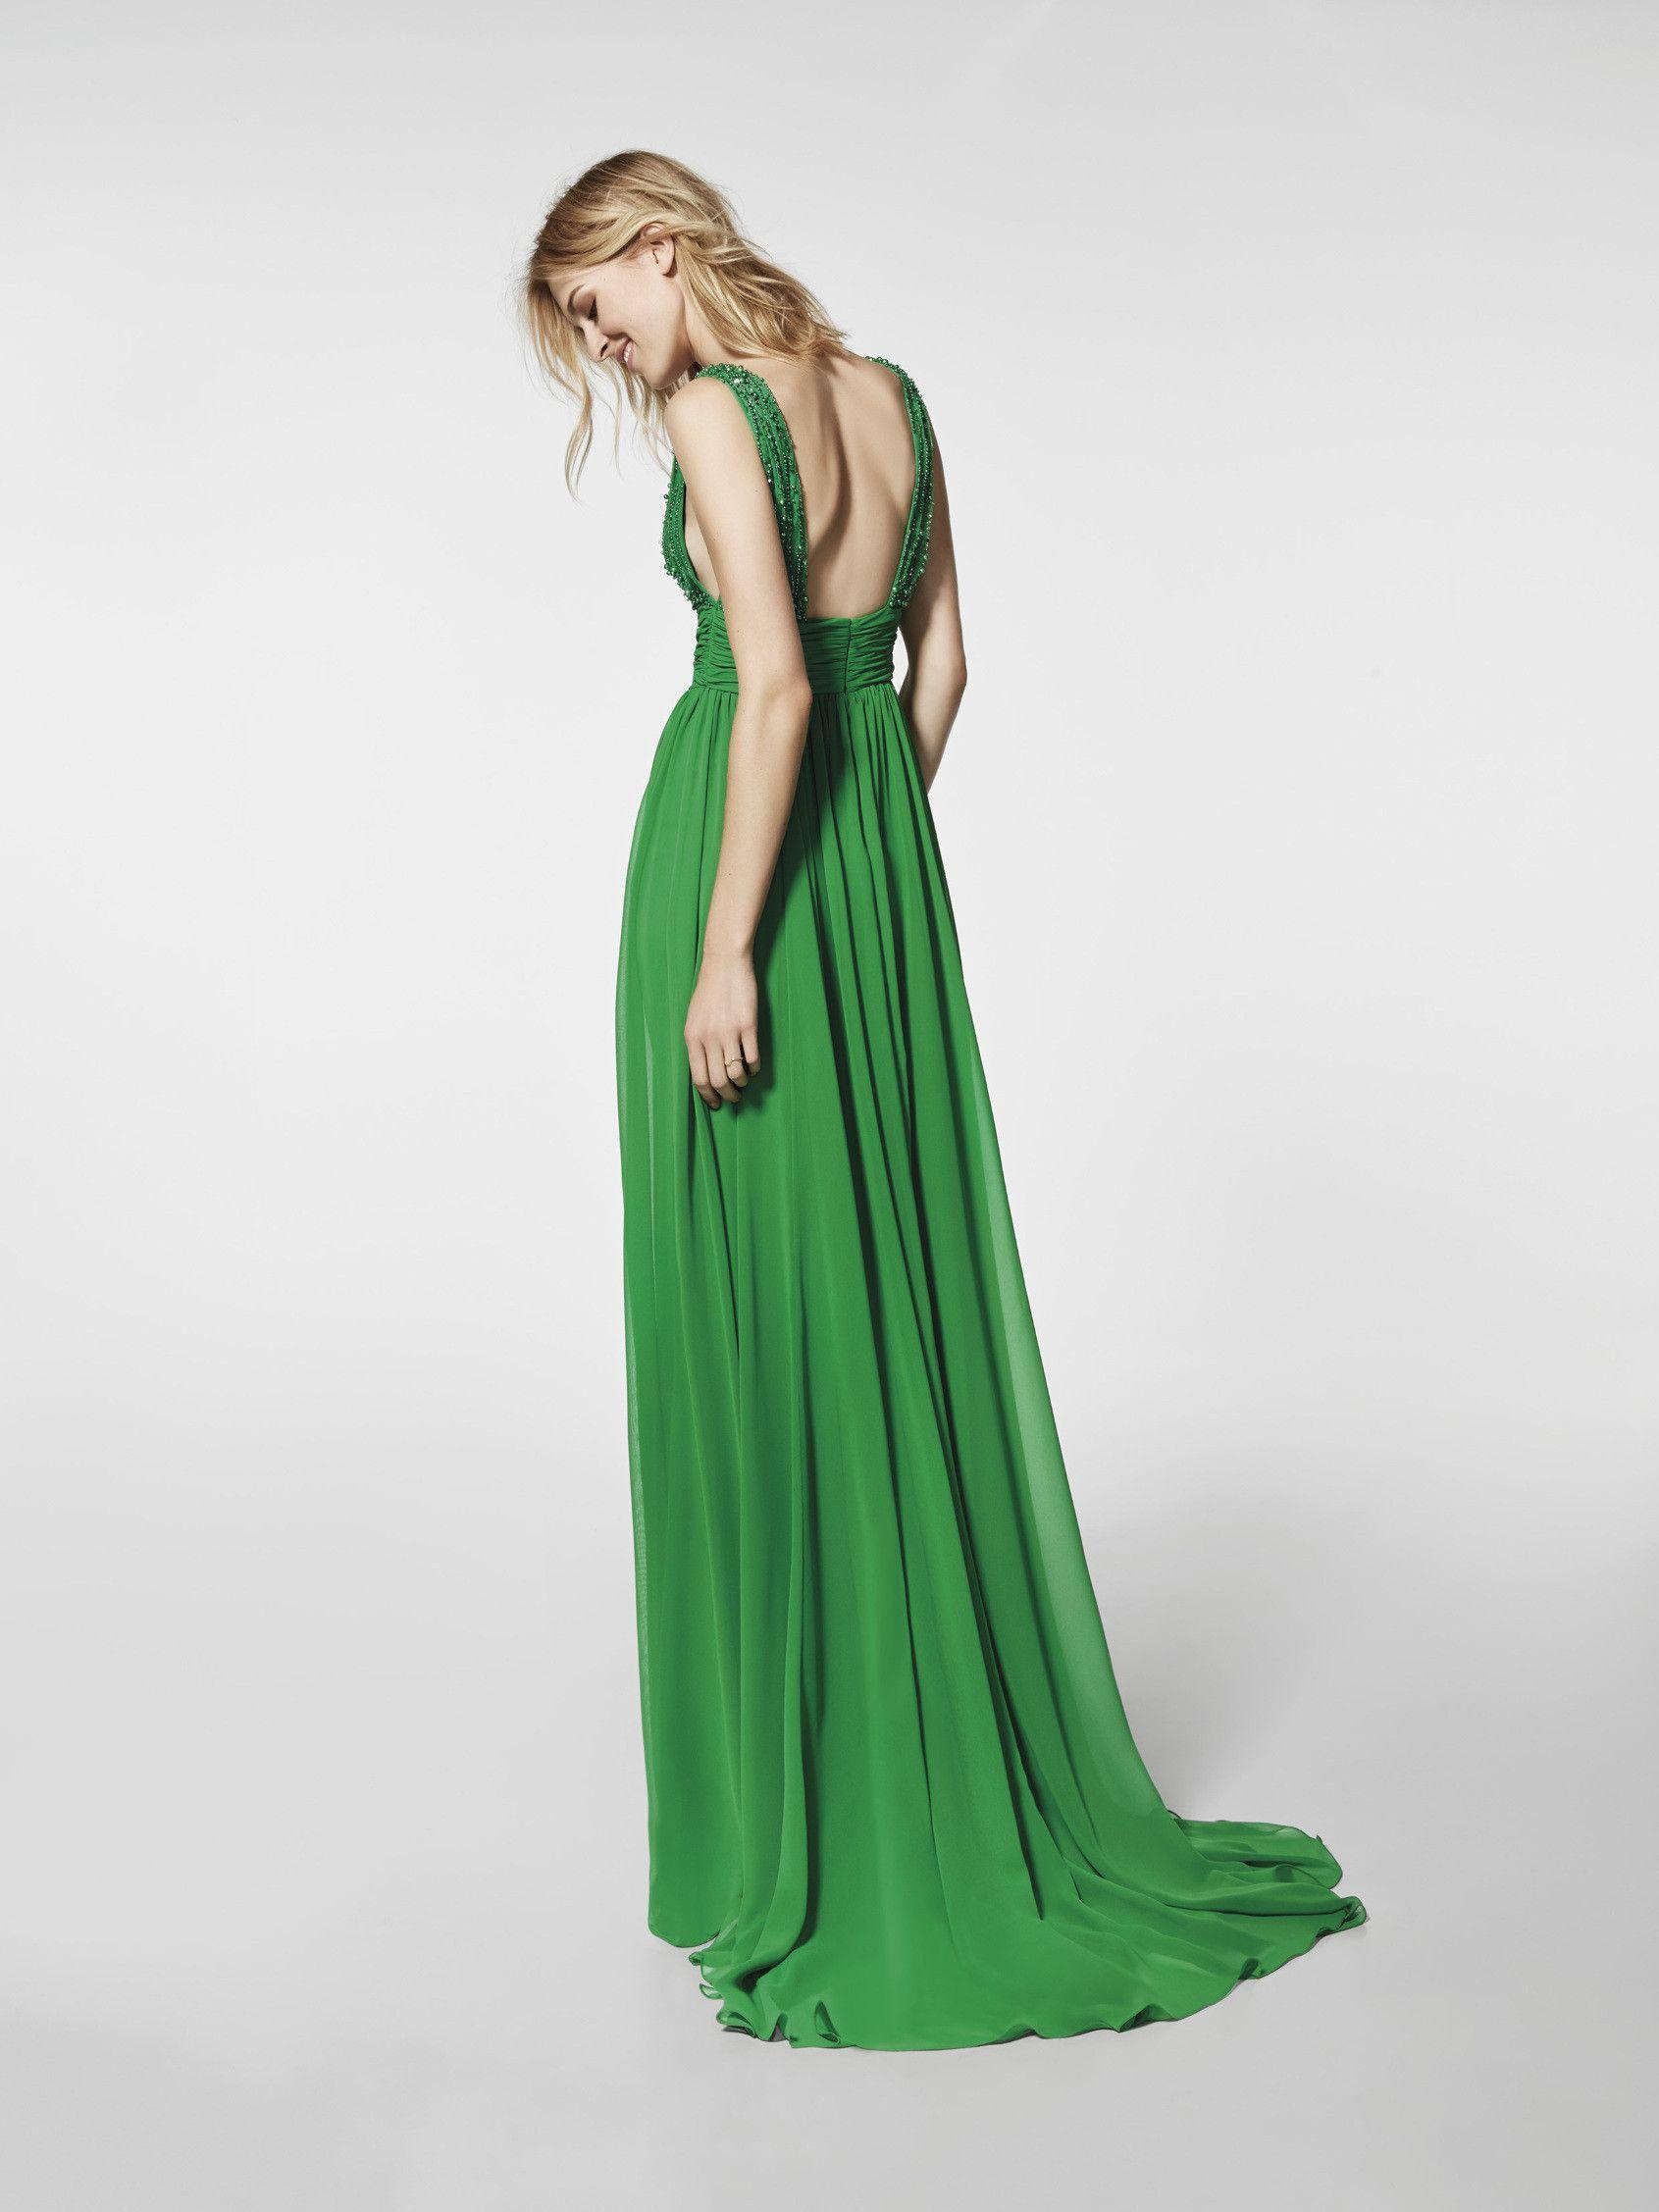 Imagen del vestido de fiesta verde vestido groe largo con